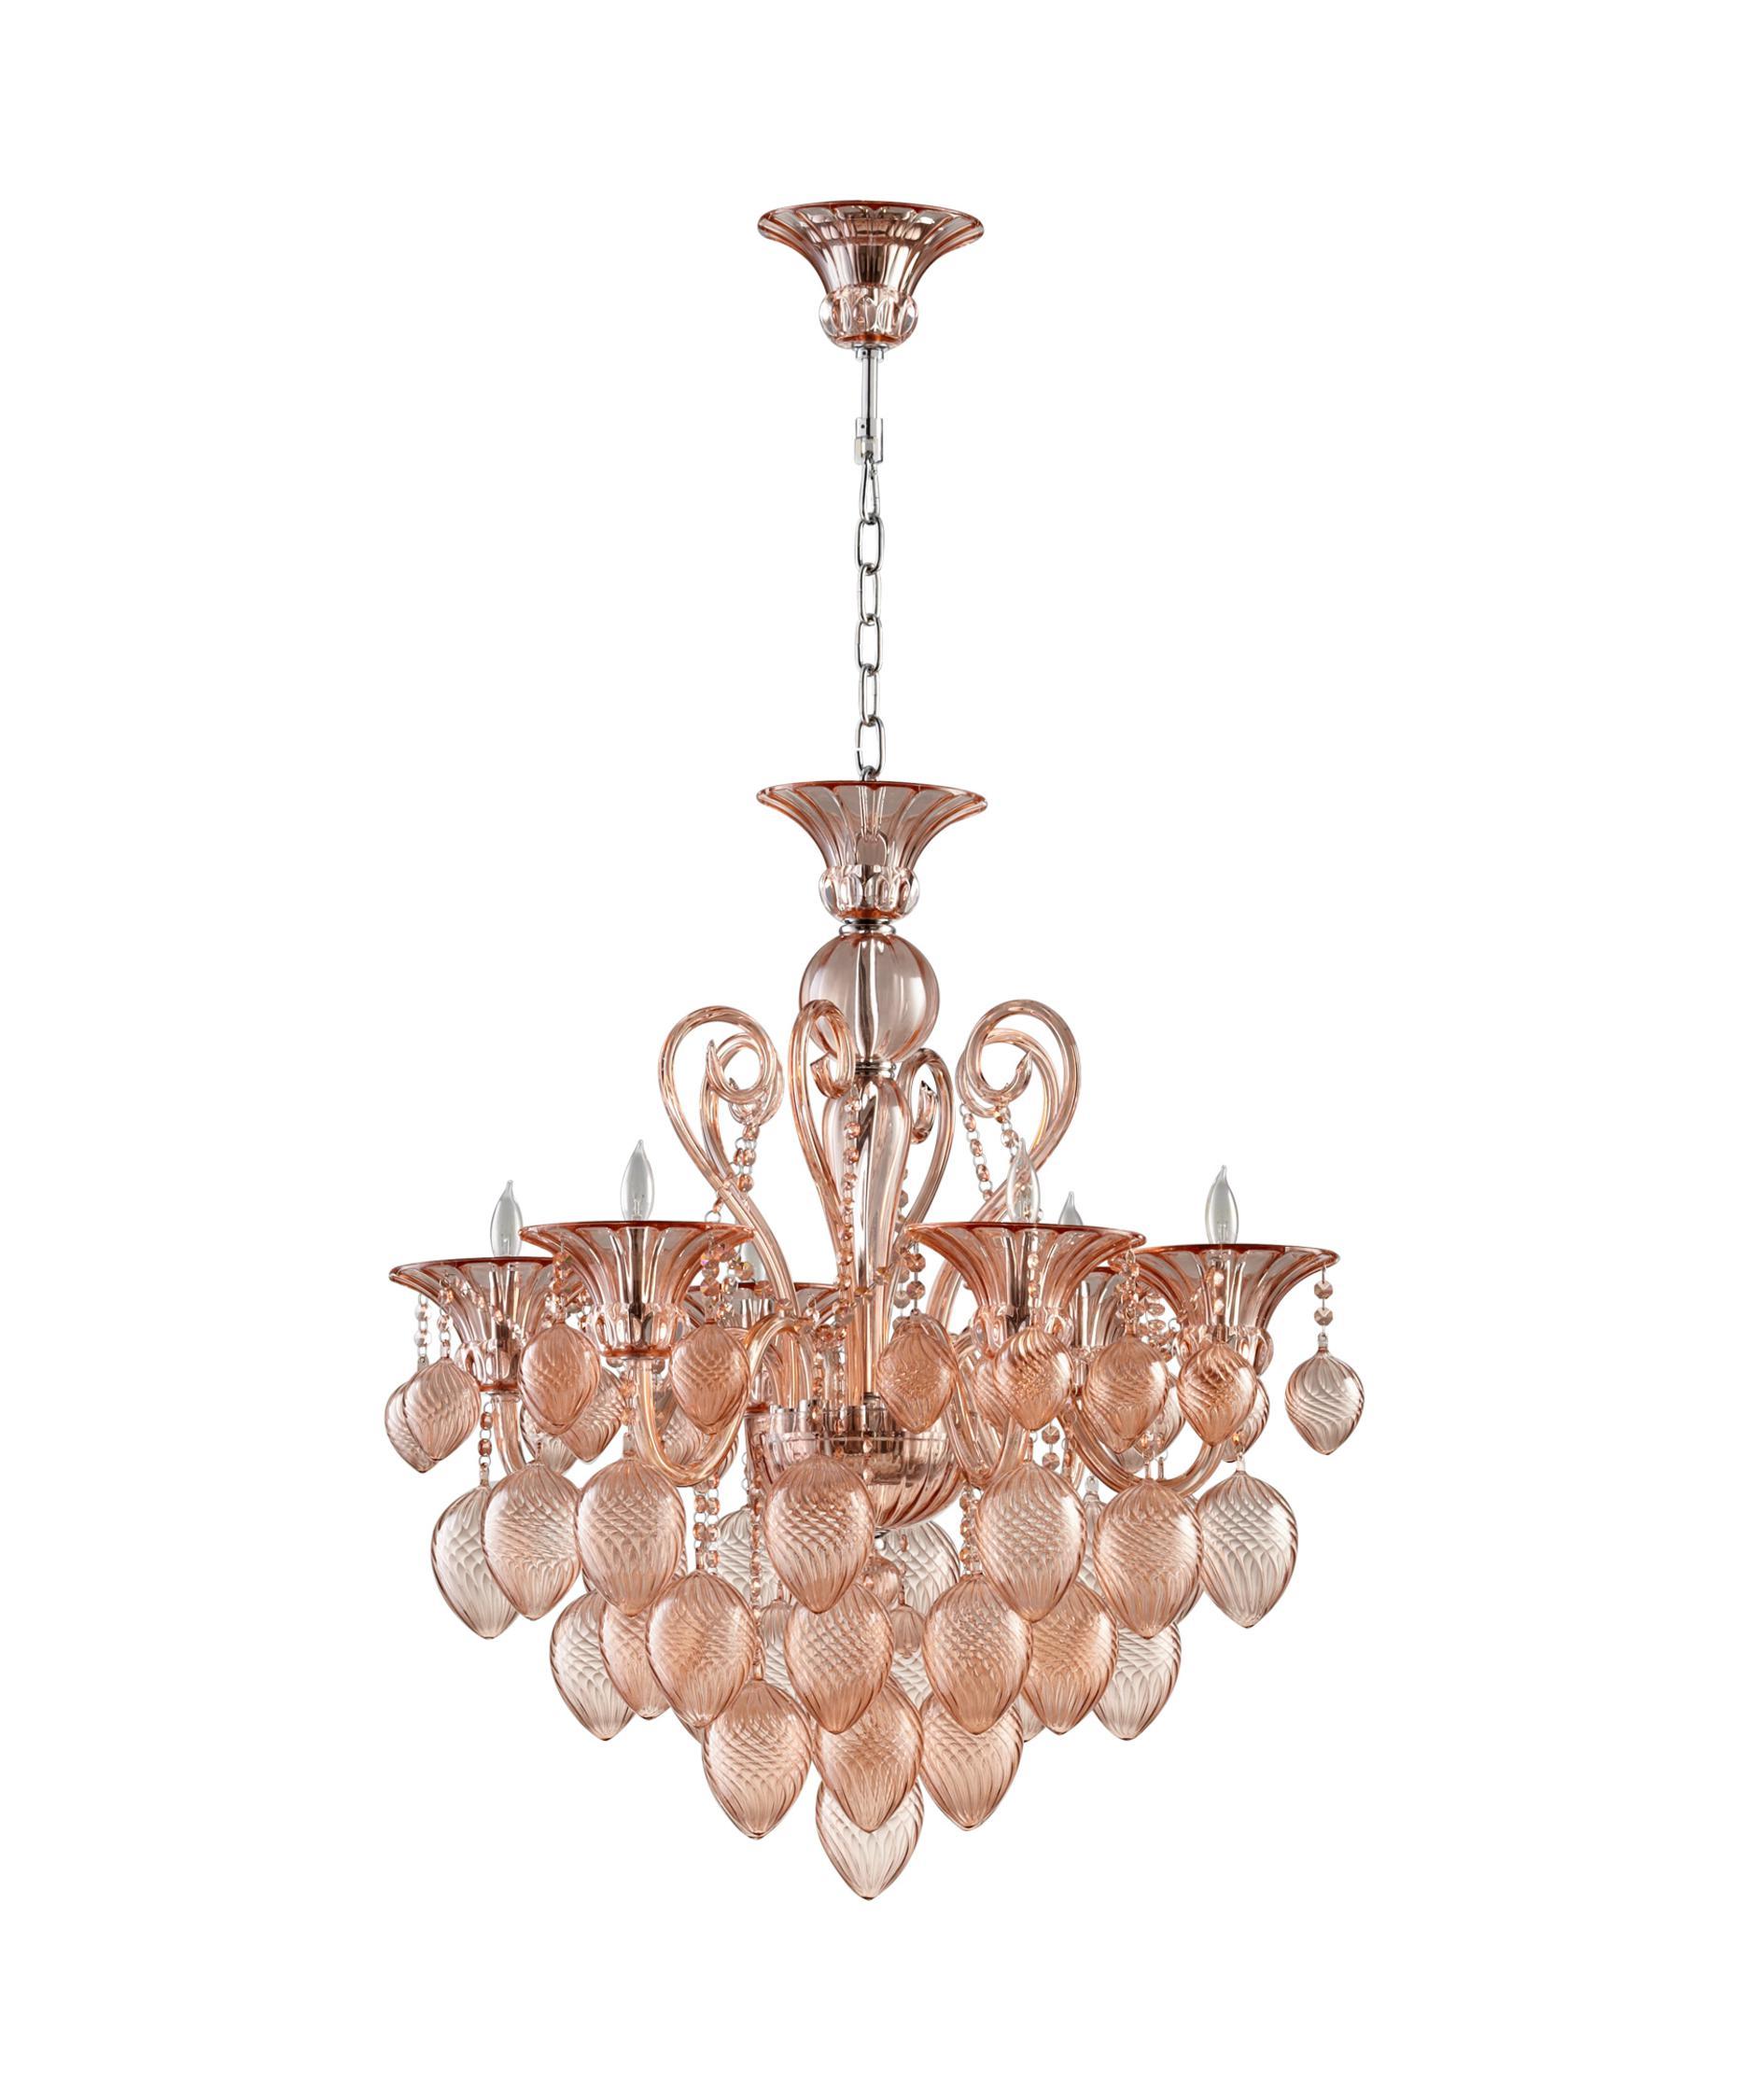 cyan design 05503 bella vetro chandelier | capitol lighting 1